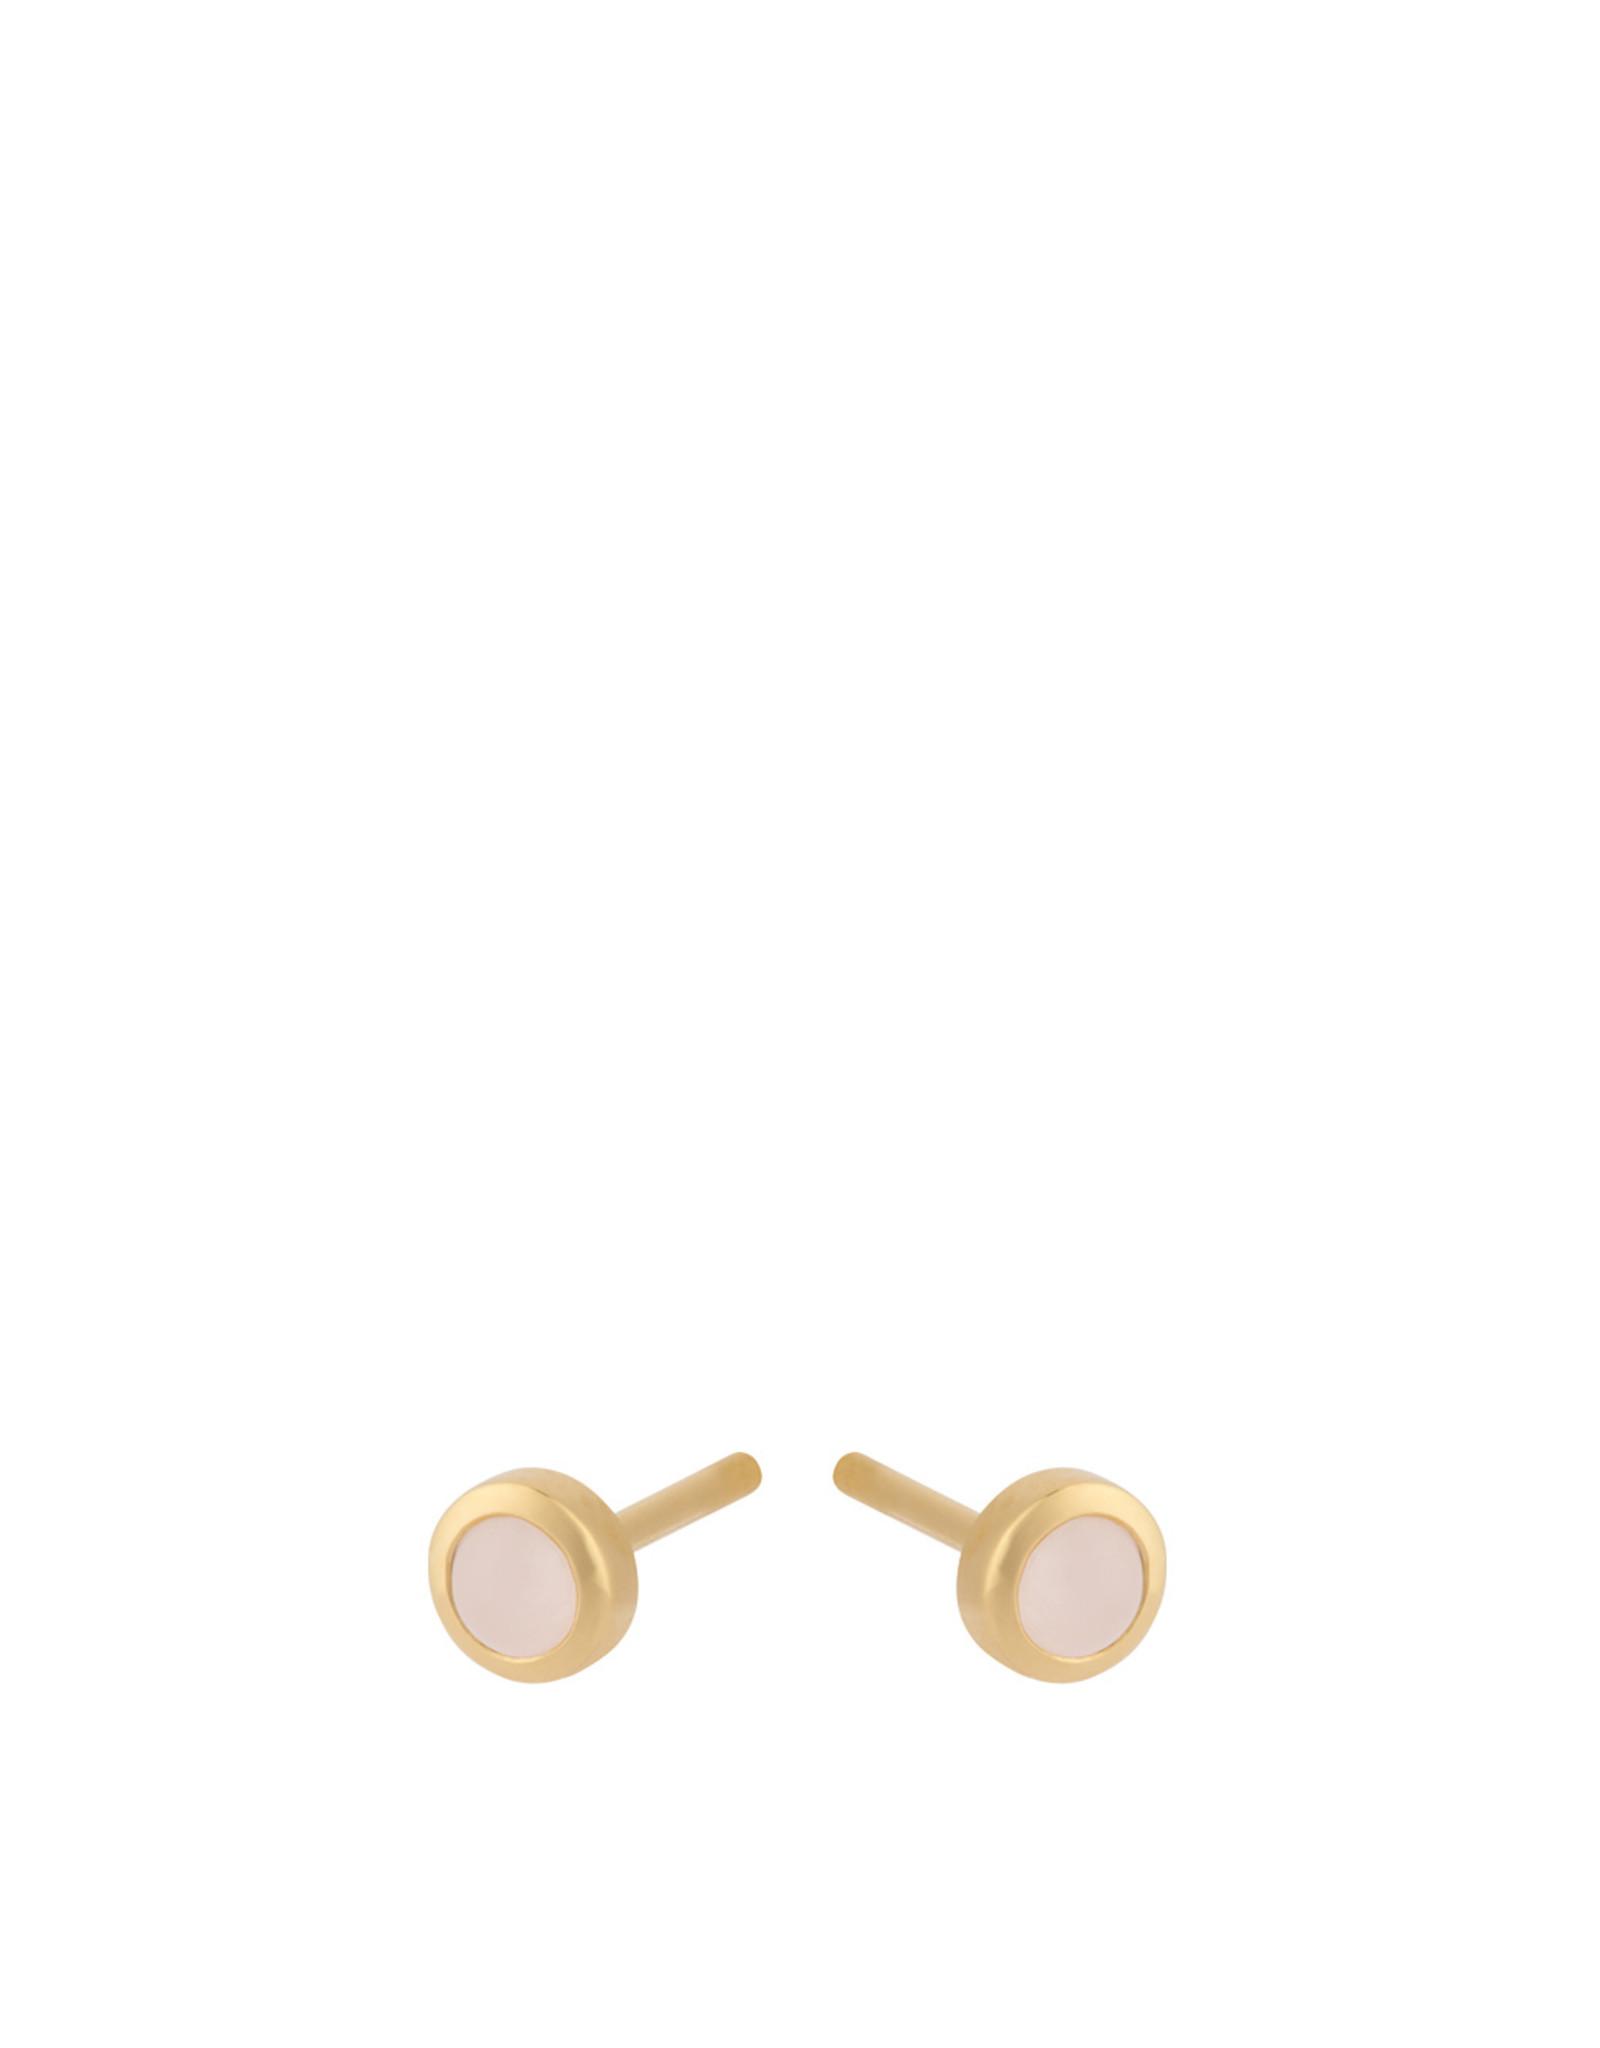 Pernille Corydon Shine Rose Earsticks, Quartz 3 mm